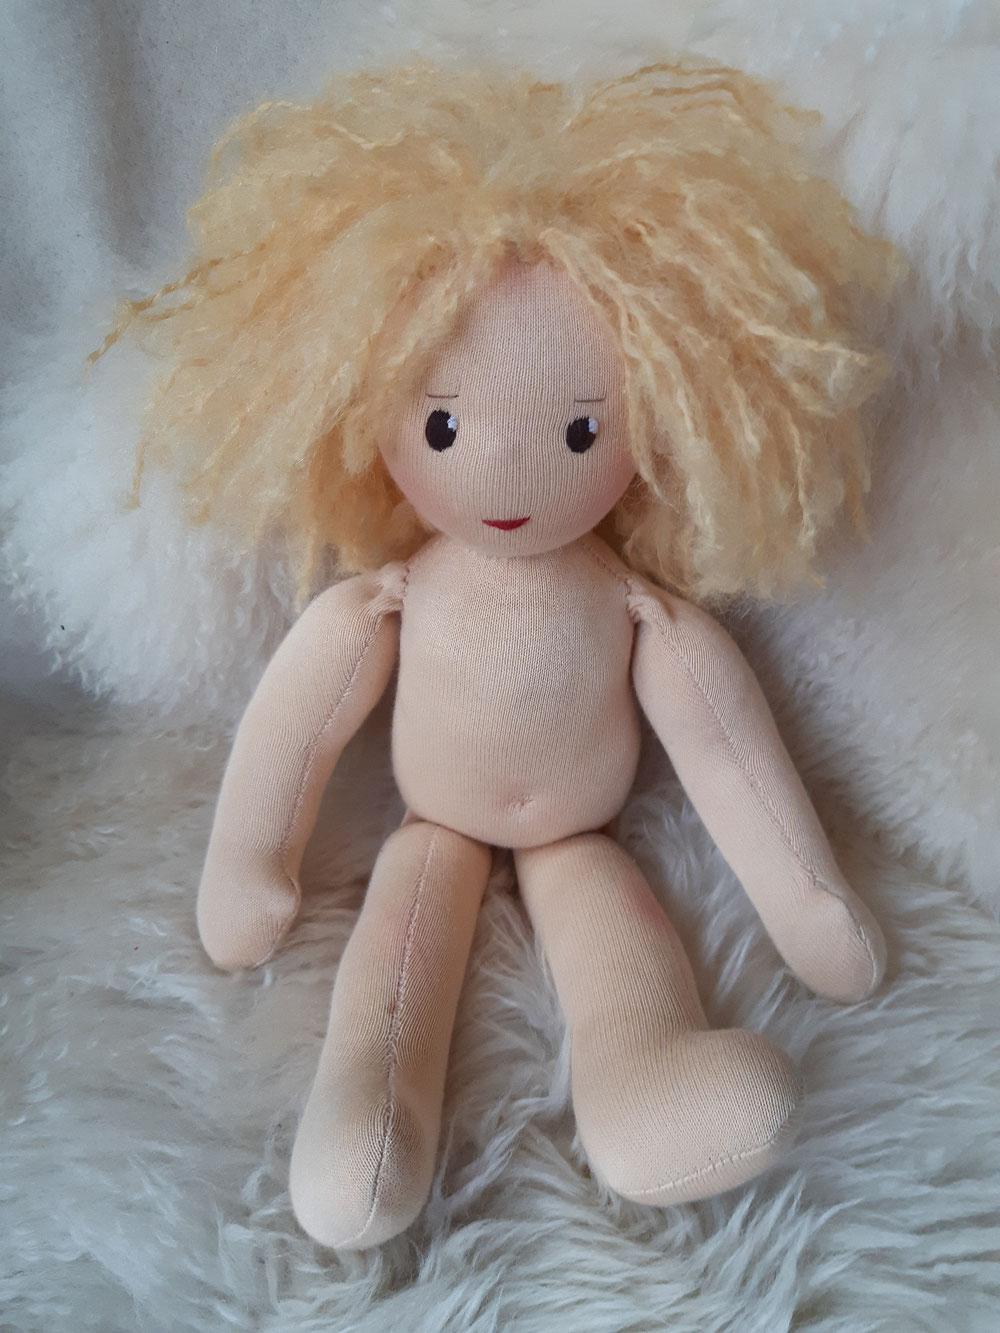 Bio-Stoffpuppe, individuelle Puppe passend zum Kind, Waldorfart, genderneutral, Erziehung, Wunschpuppe, ökologische Kinderpuppe, bio-fair, ökofairliebt, Selbstakzeptanz, Naturmaterial, Puppenhandwerk, Puppenjunge, nachhaltiges Spielzeug, Leberfleck